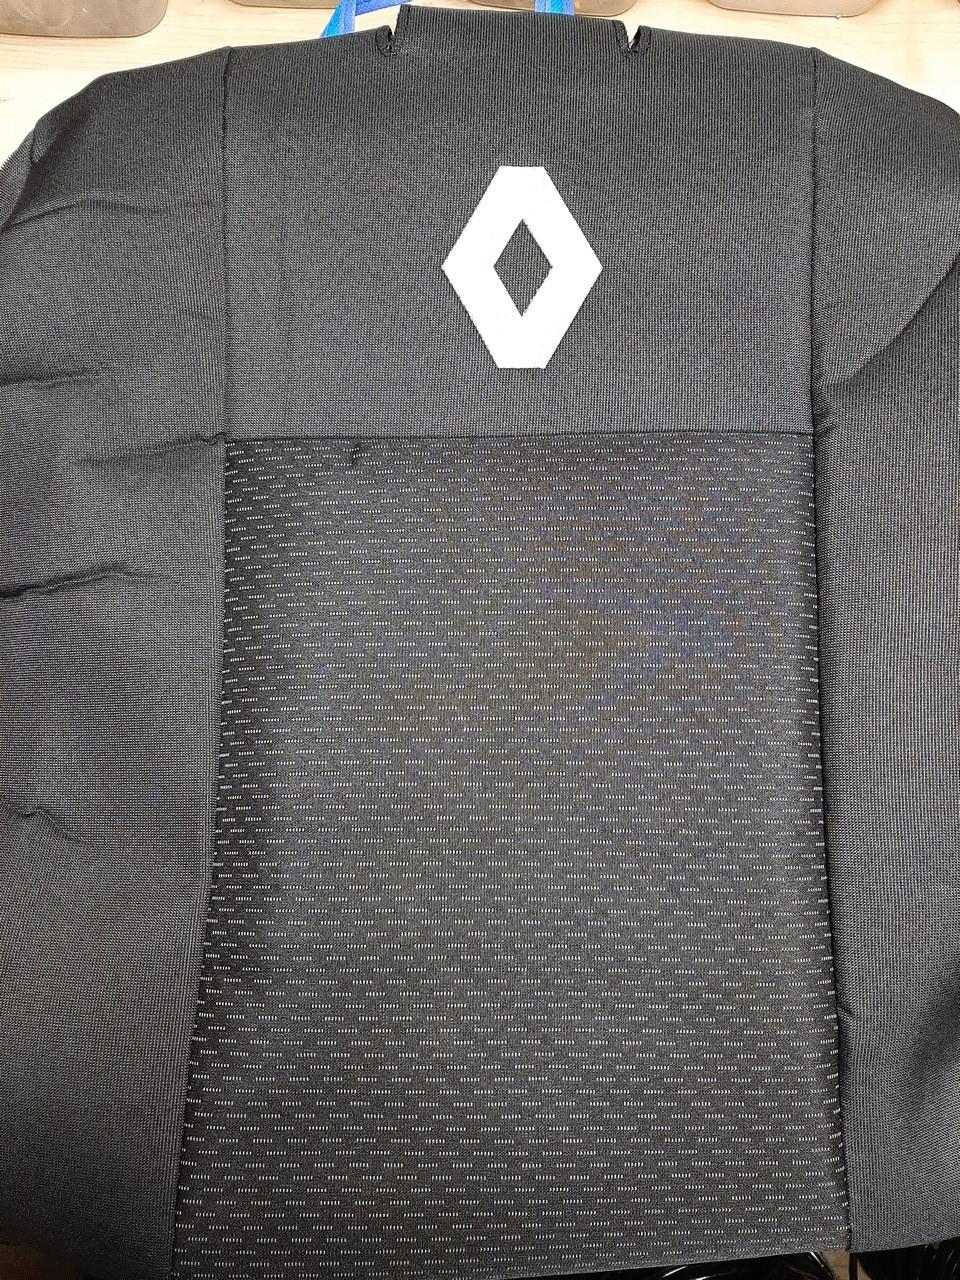 Чехлы на Рено Симбол (седан) 2002-2012 / авто чехлы Renault Symbol (стандарт)